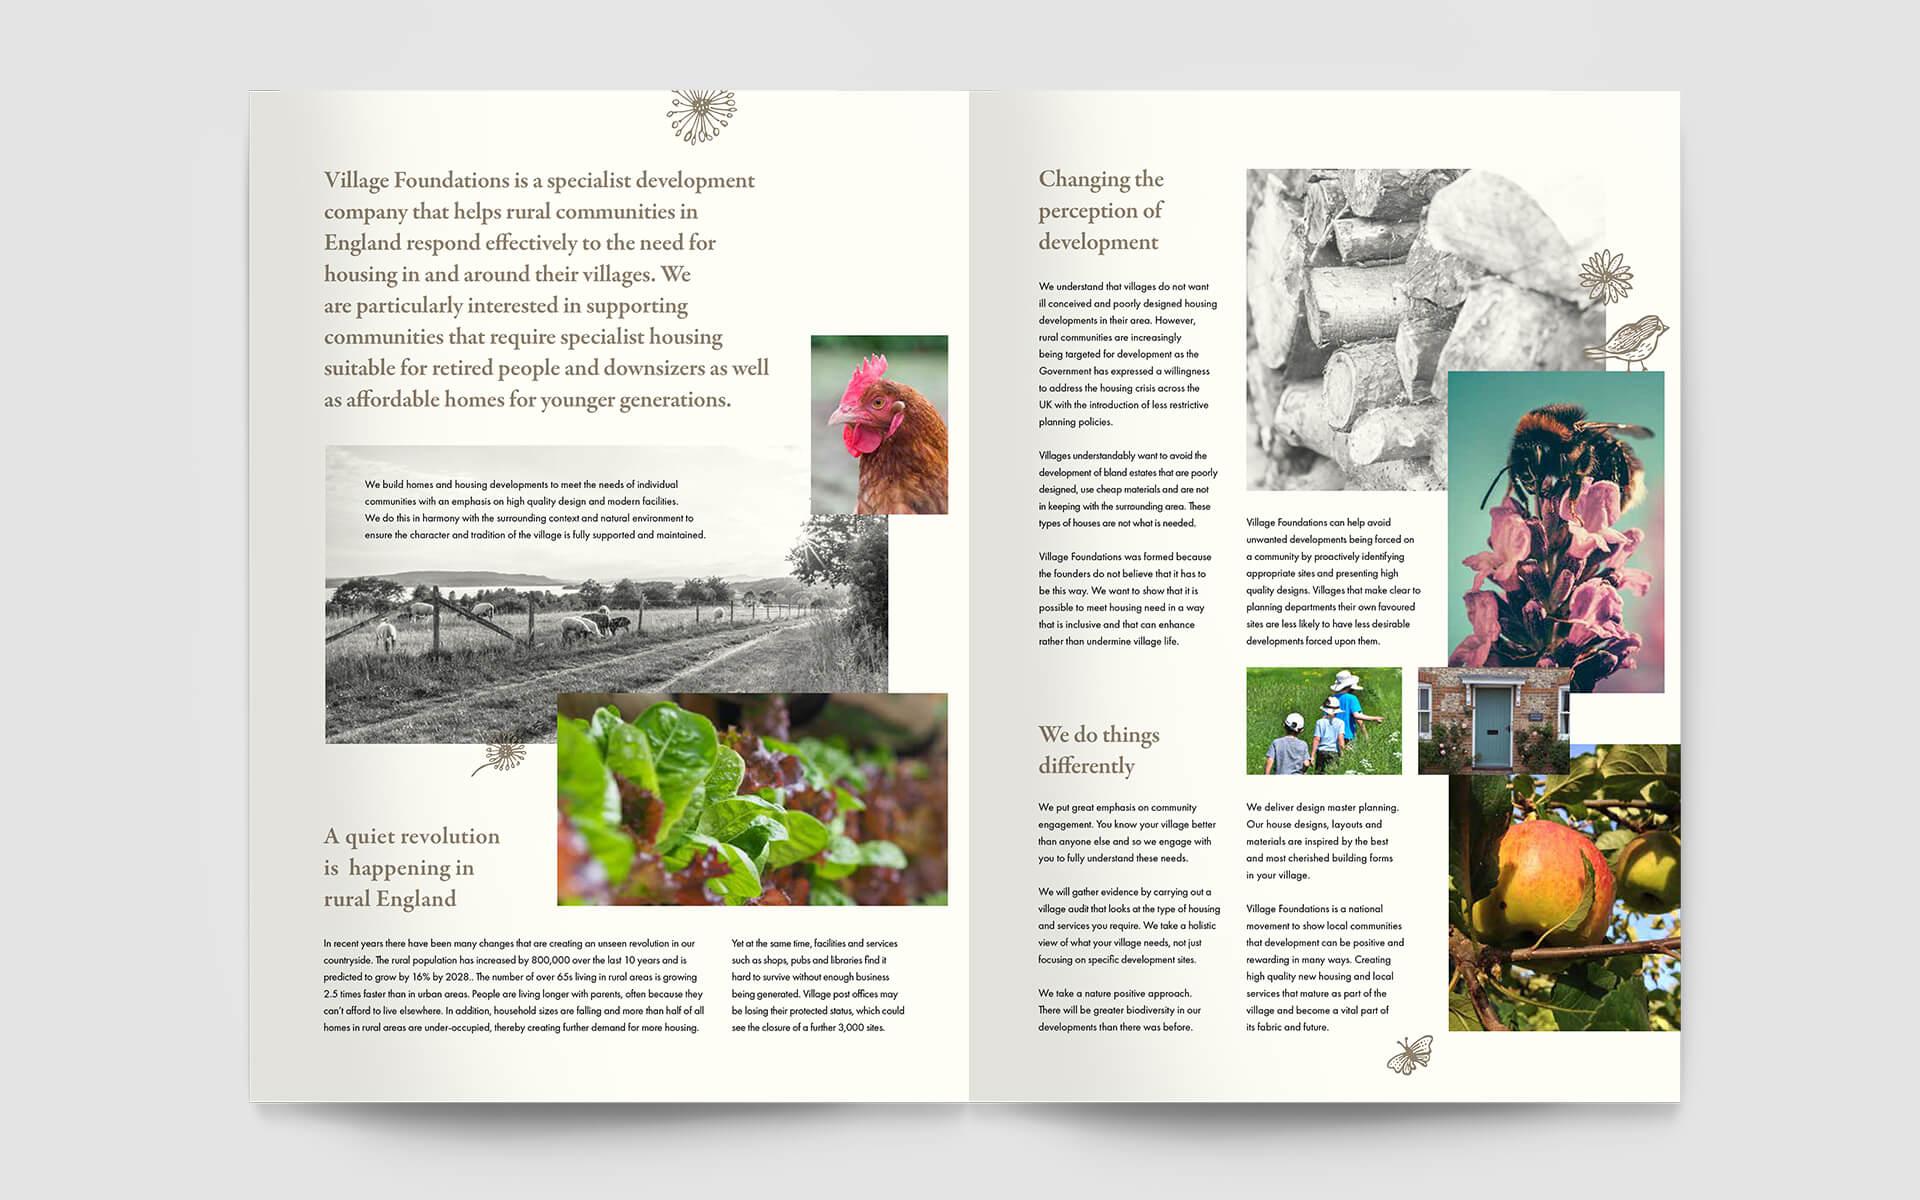 Village Foundations brochure spread